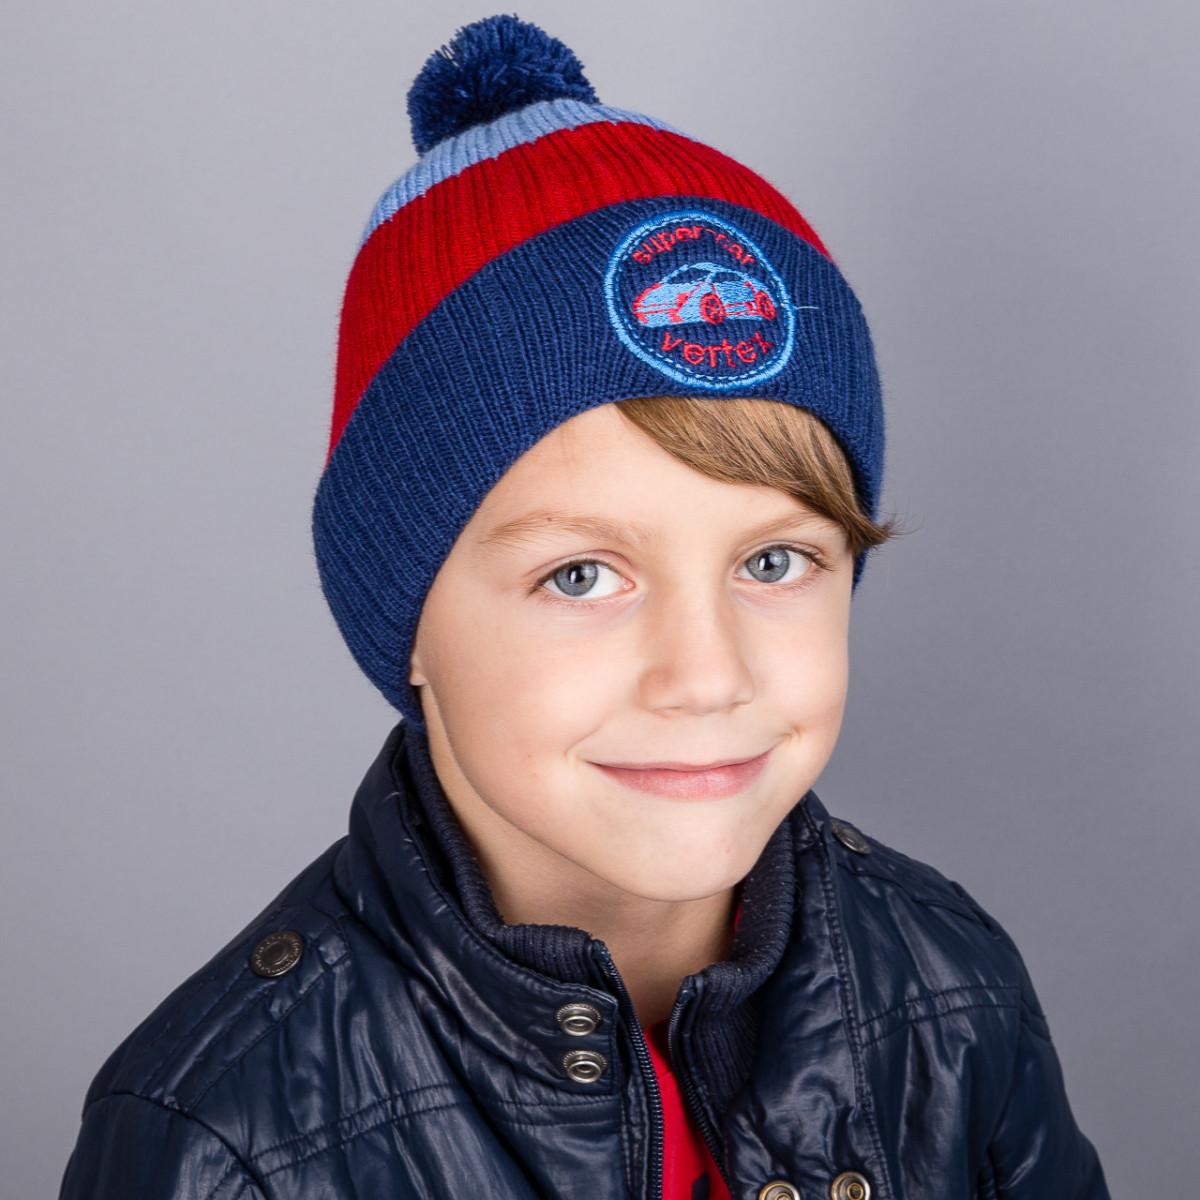 Модная шапка с помпоном для мальчика на зиму оптом - Артикул 1794